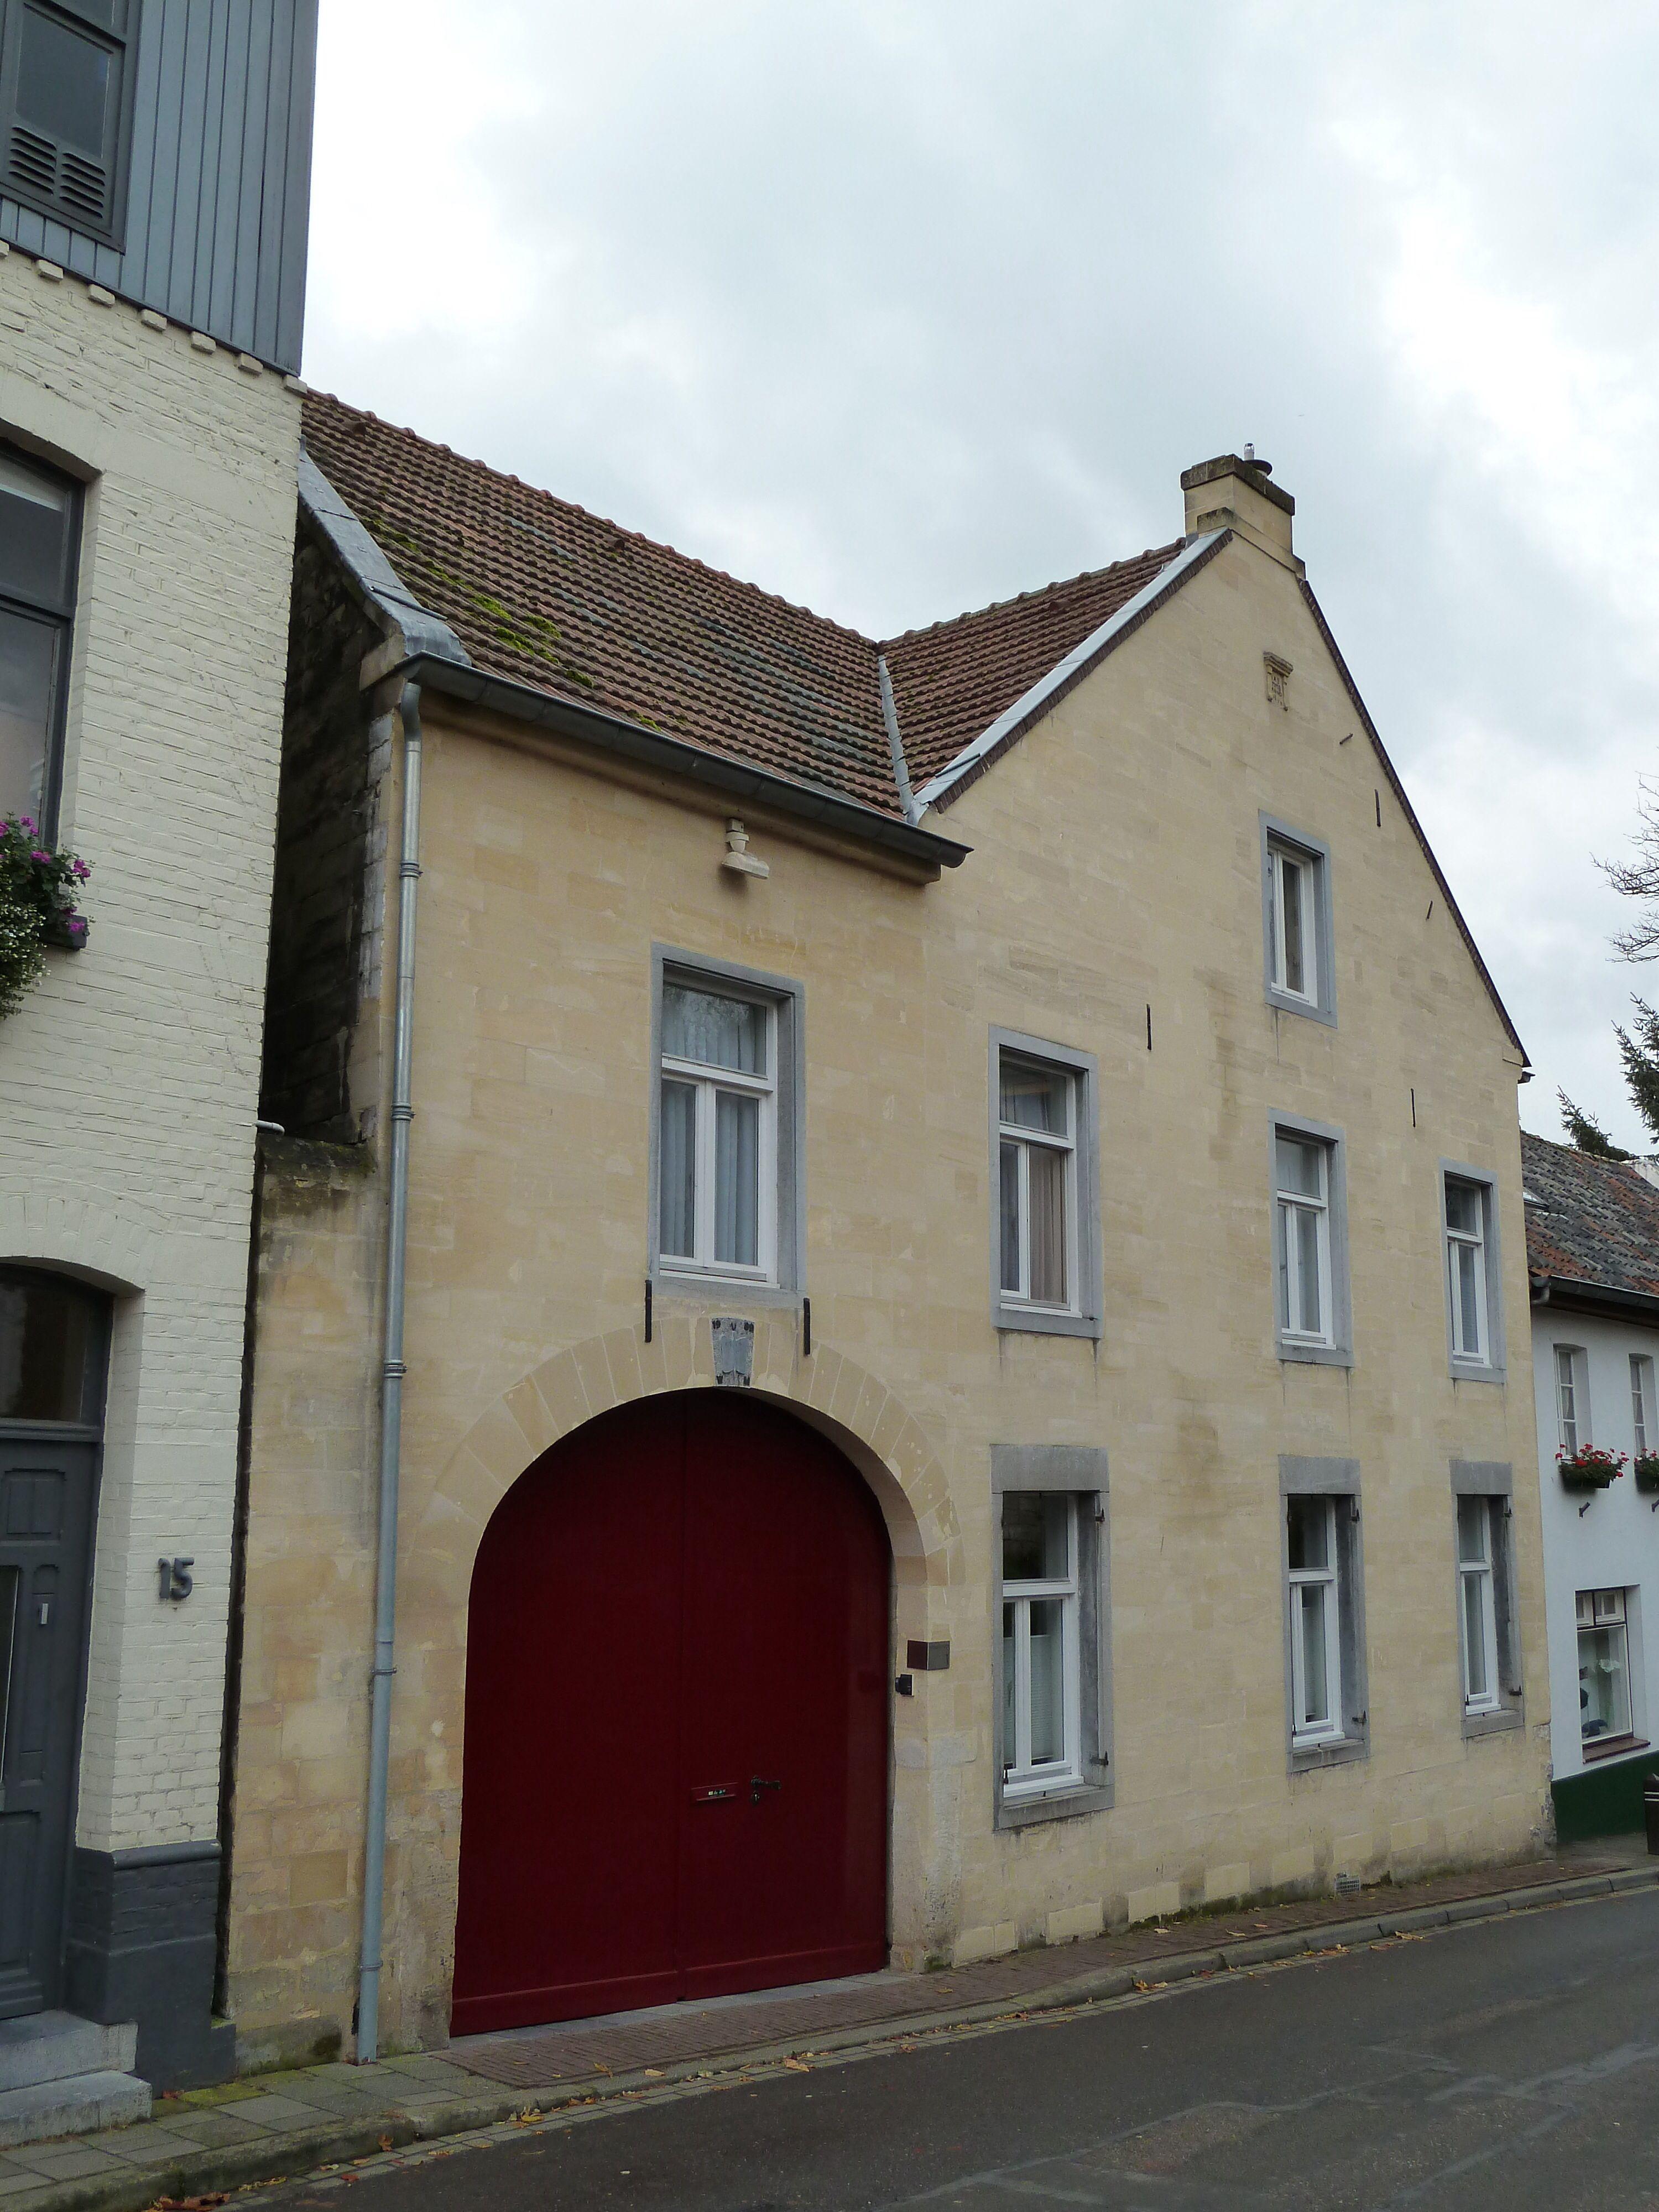 Graafstraat 1, Schin Op Geul, Zuid-Limburg.